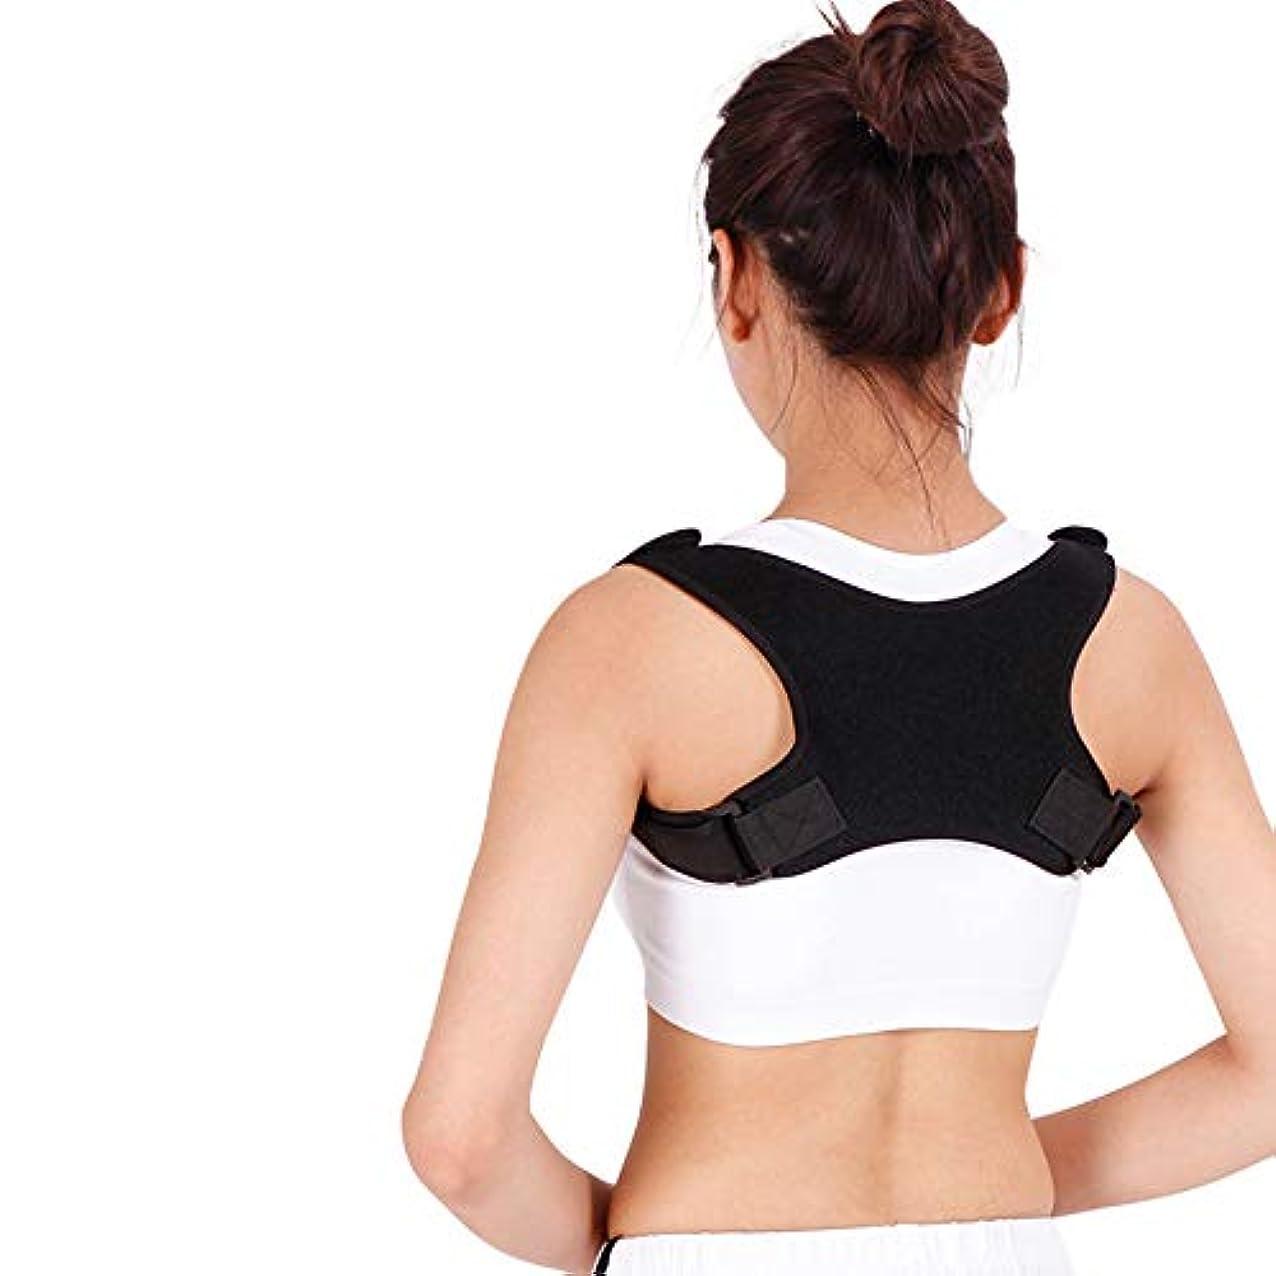 男性、女性のための姿勢矯正装置、効果的に調整可能な肩&背中装具、上背中肩の姿勢の改善